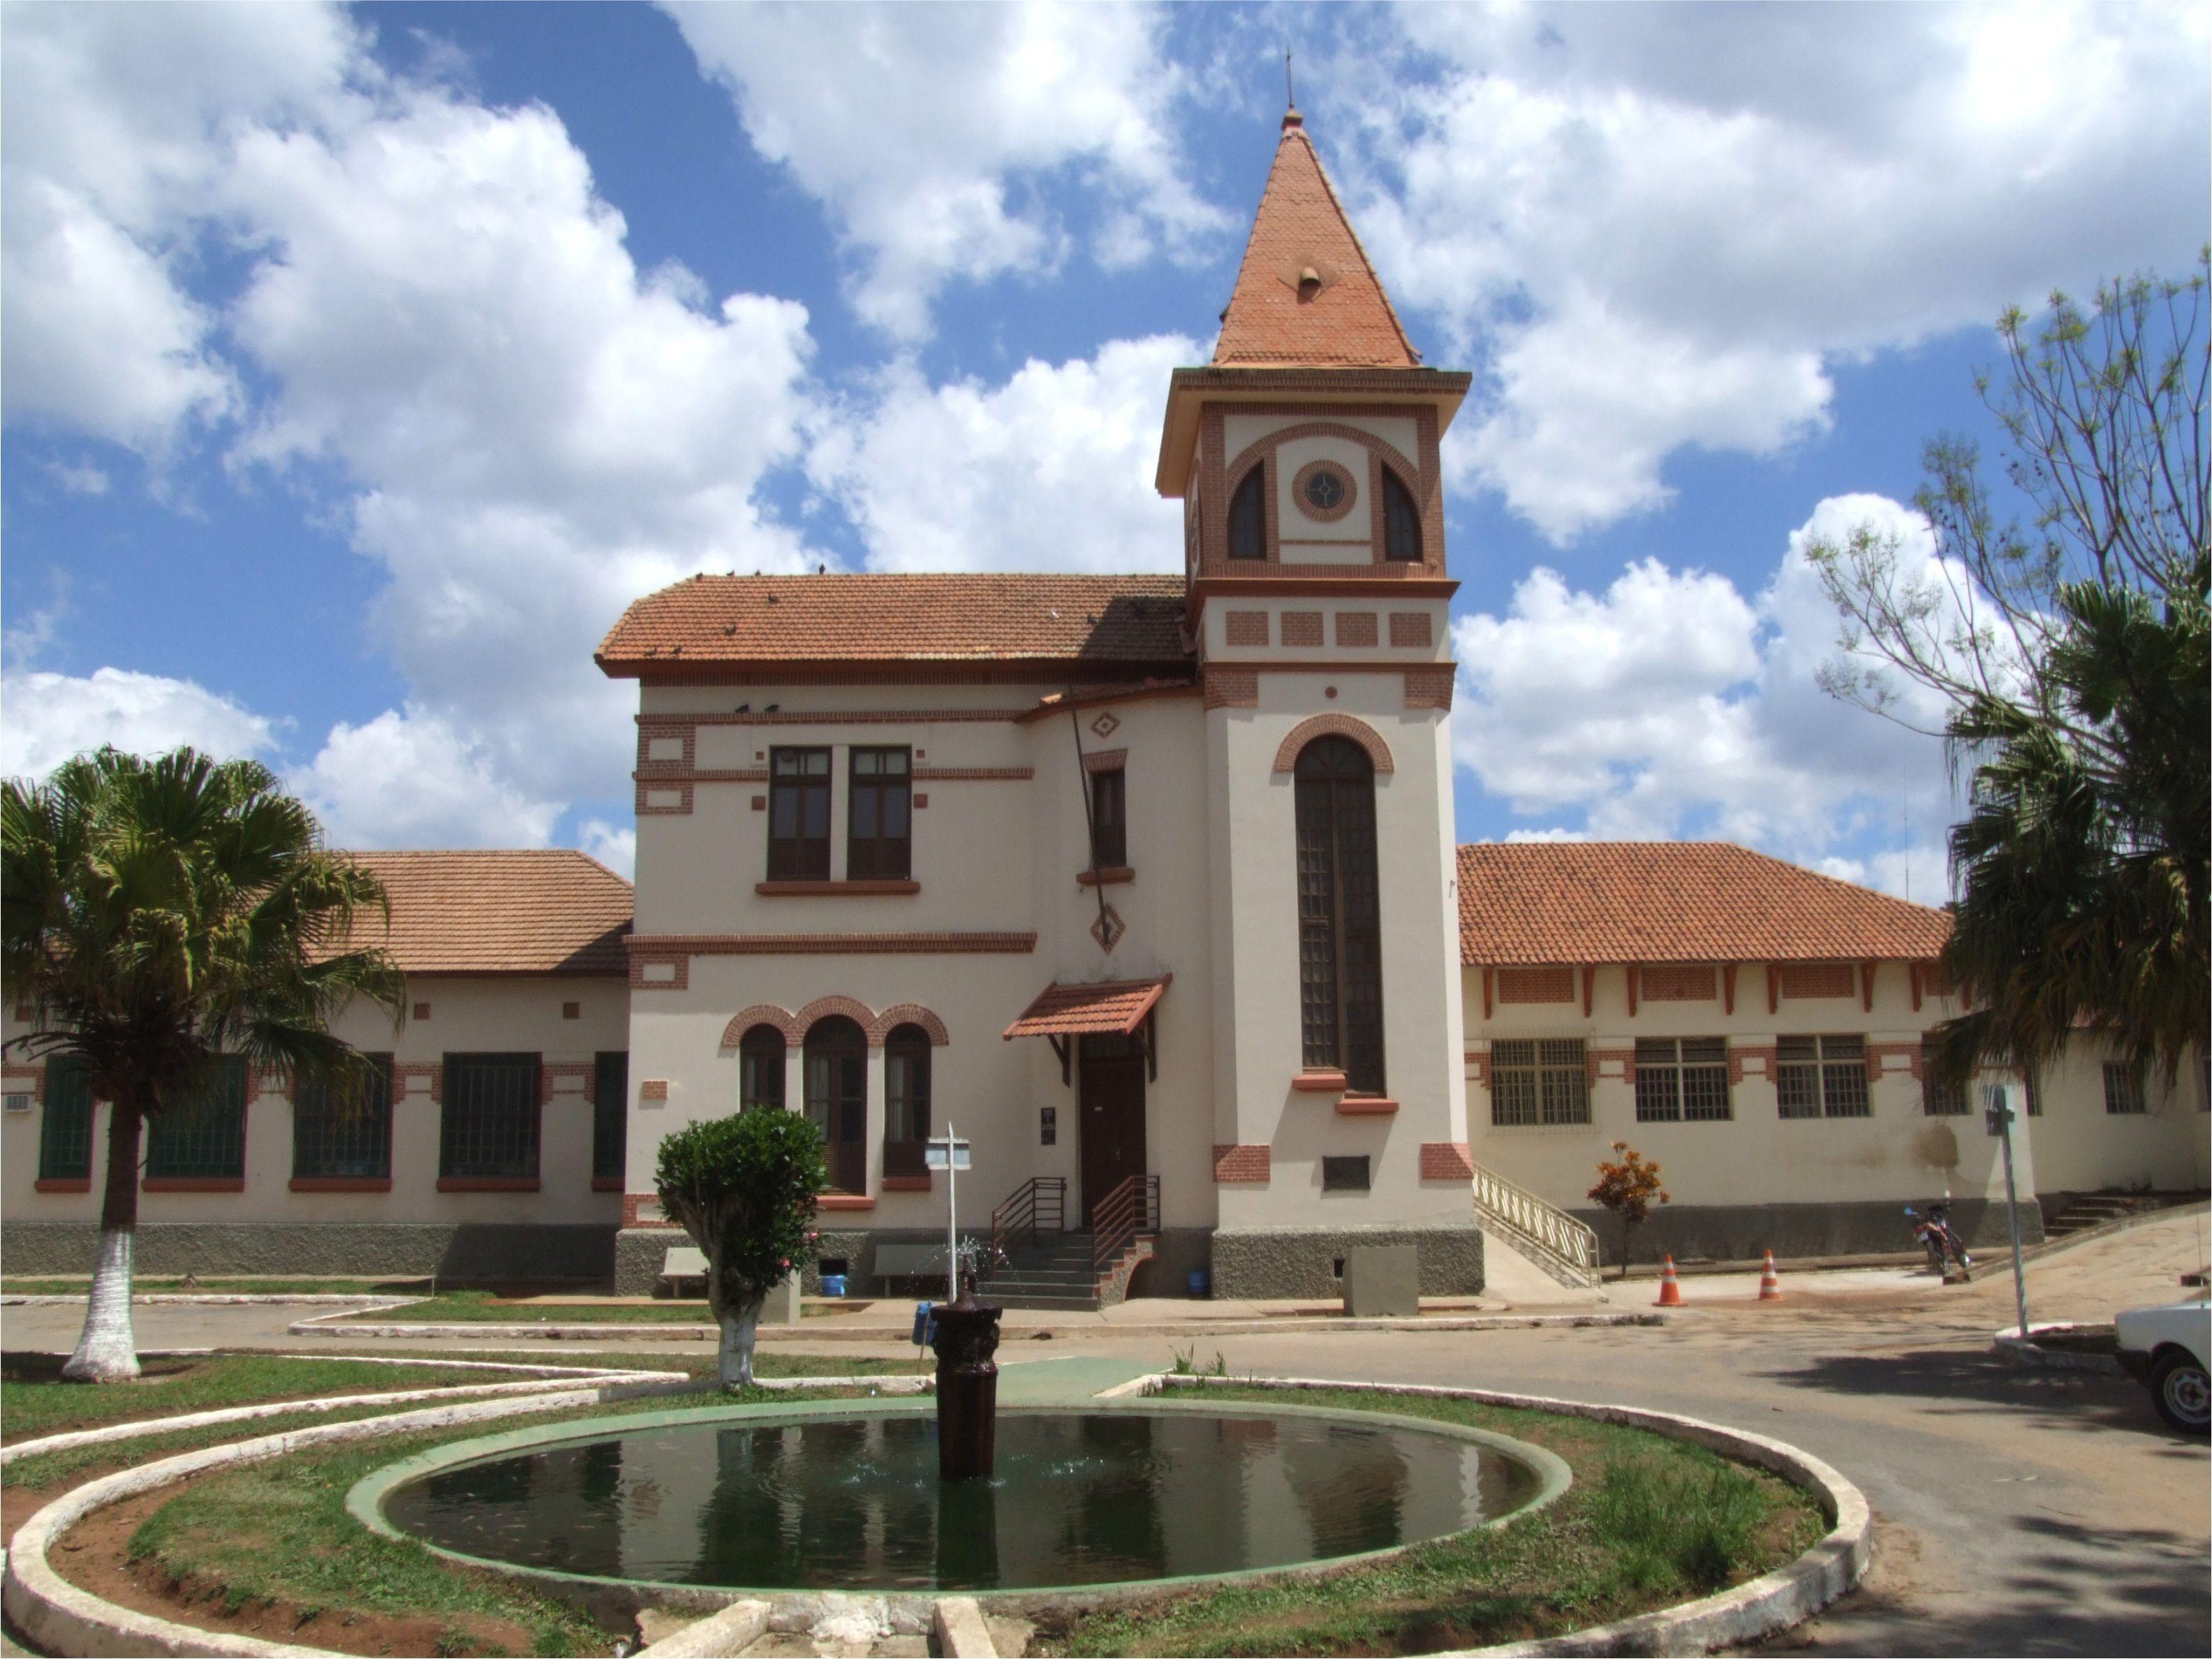 Barbacena Minas Gerais fonte: i.pinimg.com